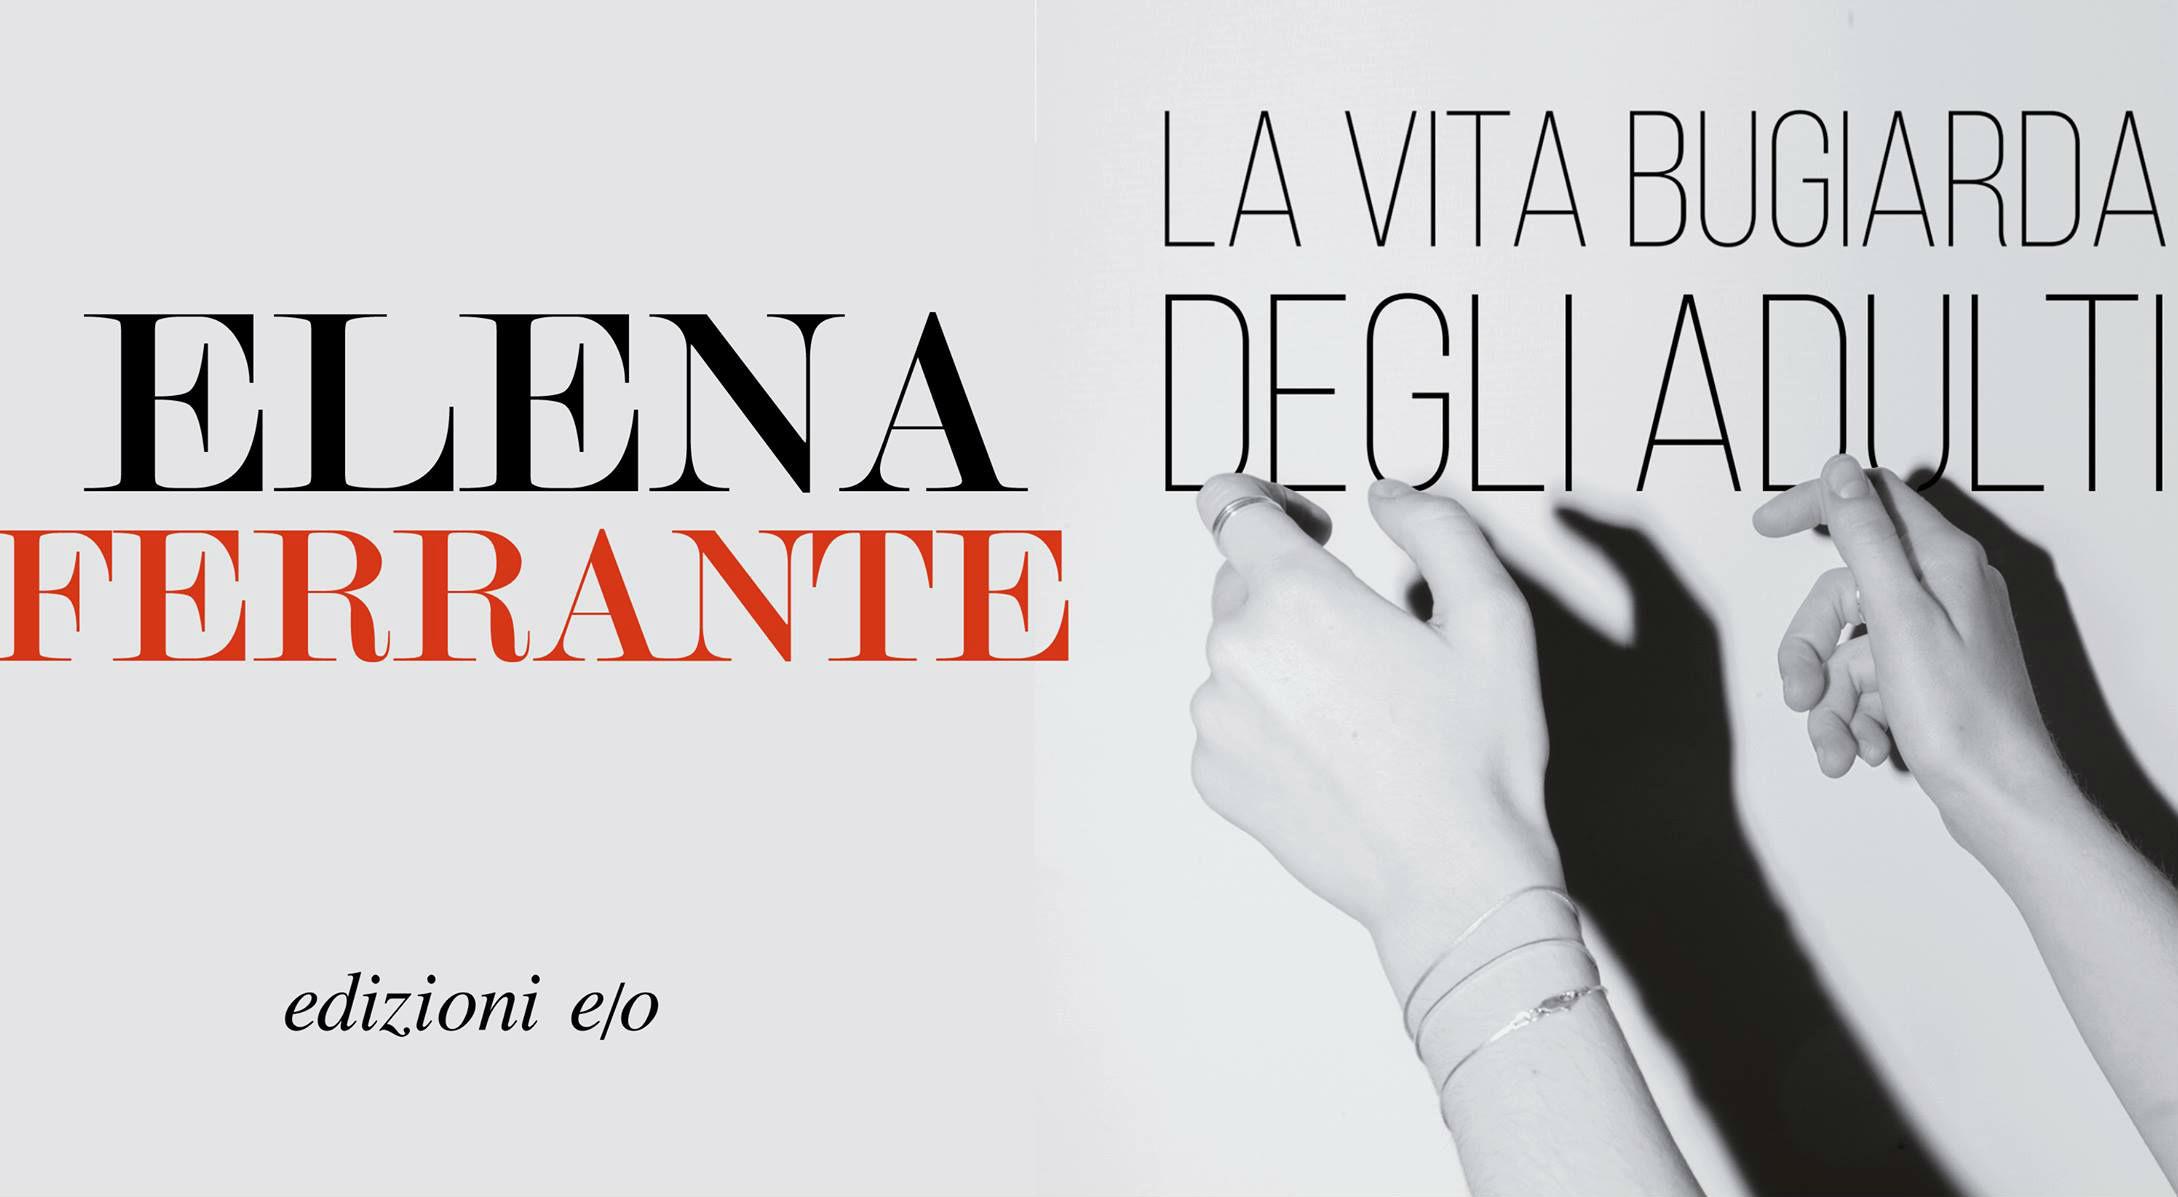 La vita bugiarda degli adulti – Il libro di Elena Ferrante diventa una serie Netflix